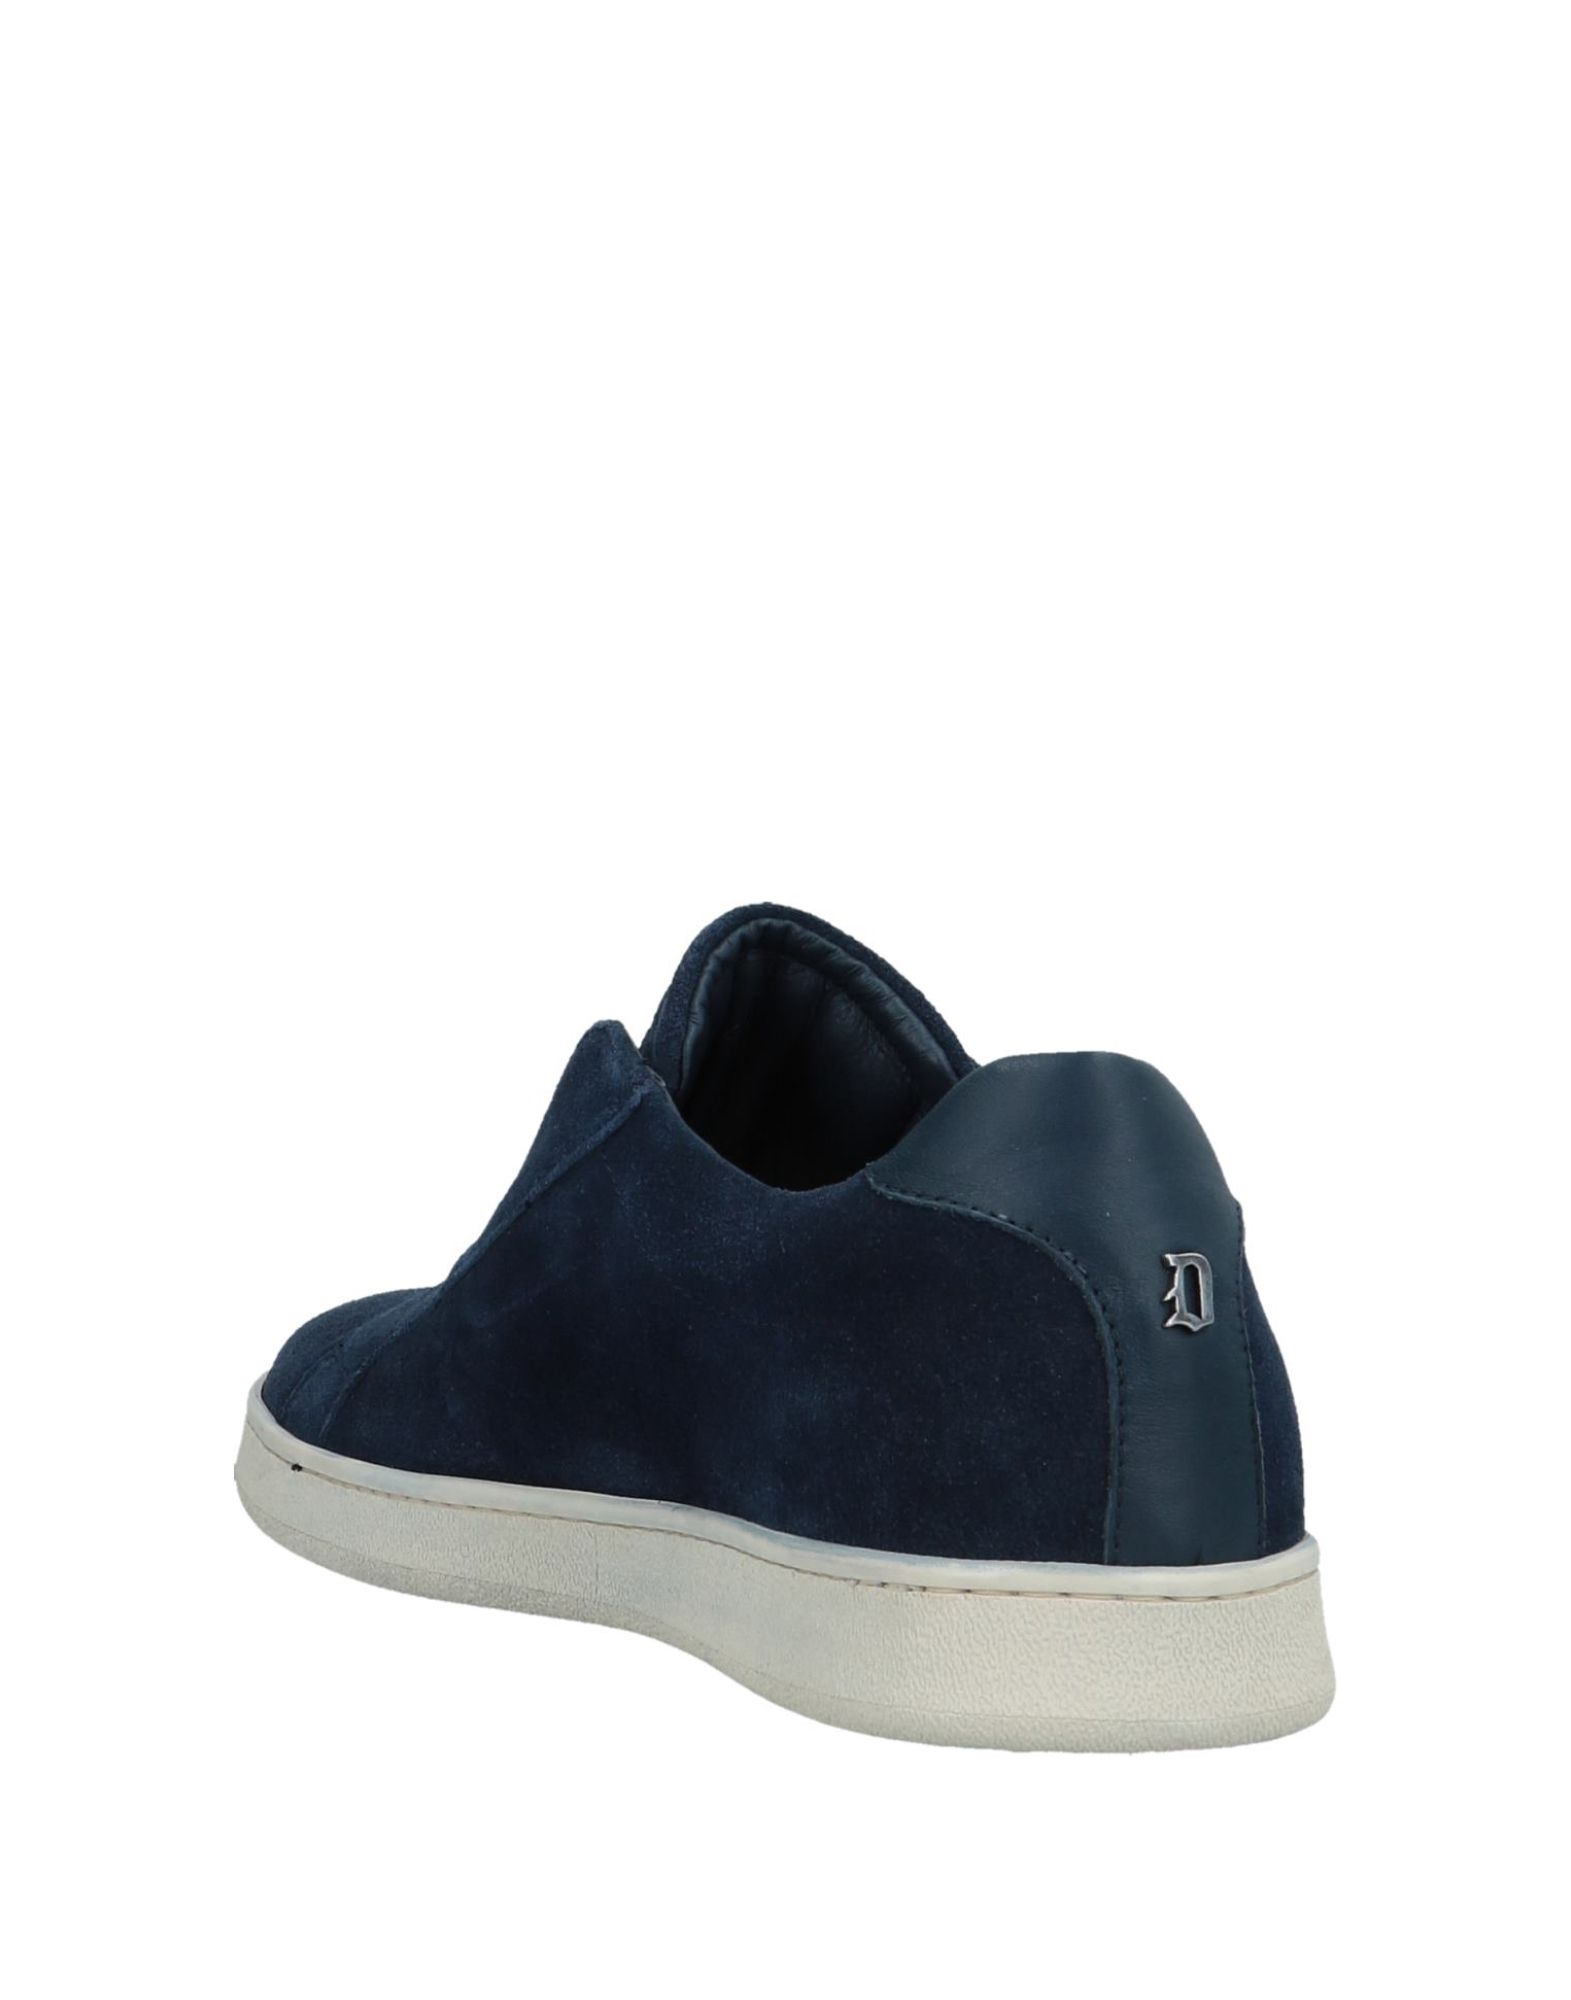 Dondup Sneakers Herren Herren Sneakers  11557142OT  7e2536